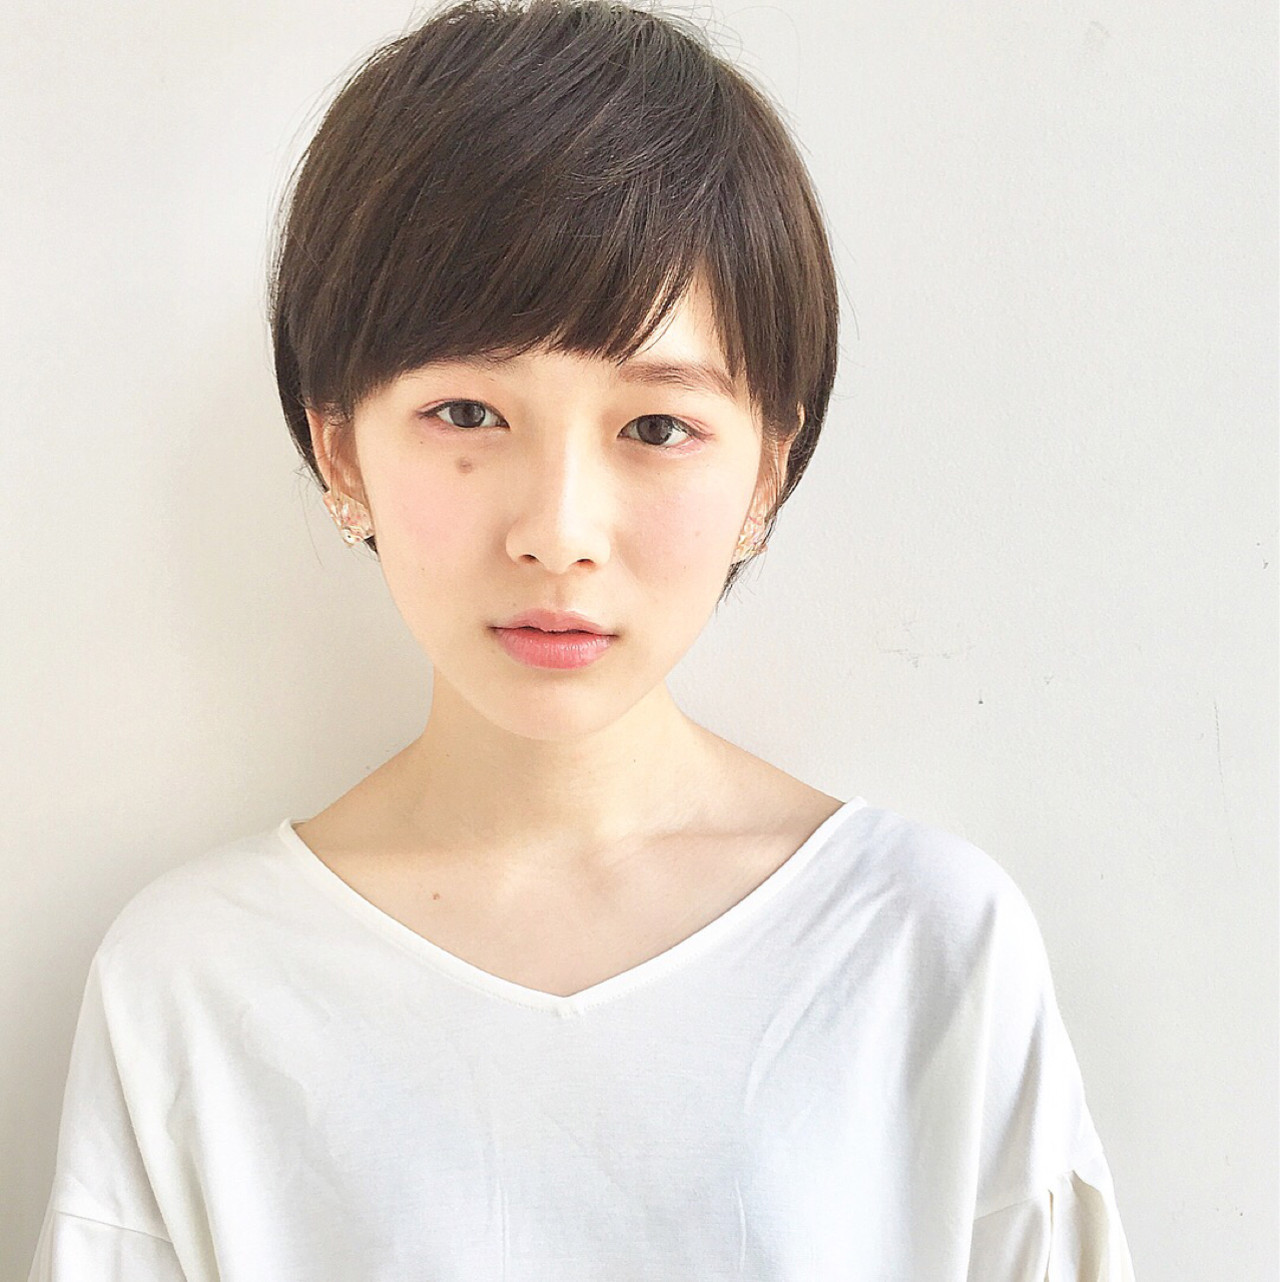 広末涼子さんっぽい透明感のあるマッシュルームカット ショートボブの匠【 山内大成 】GARDEN